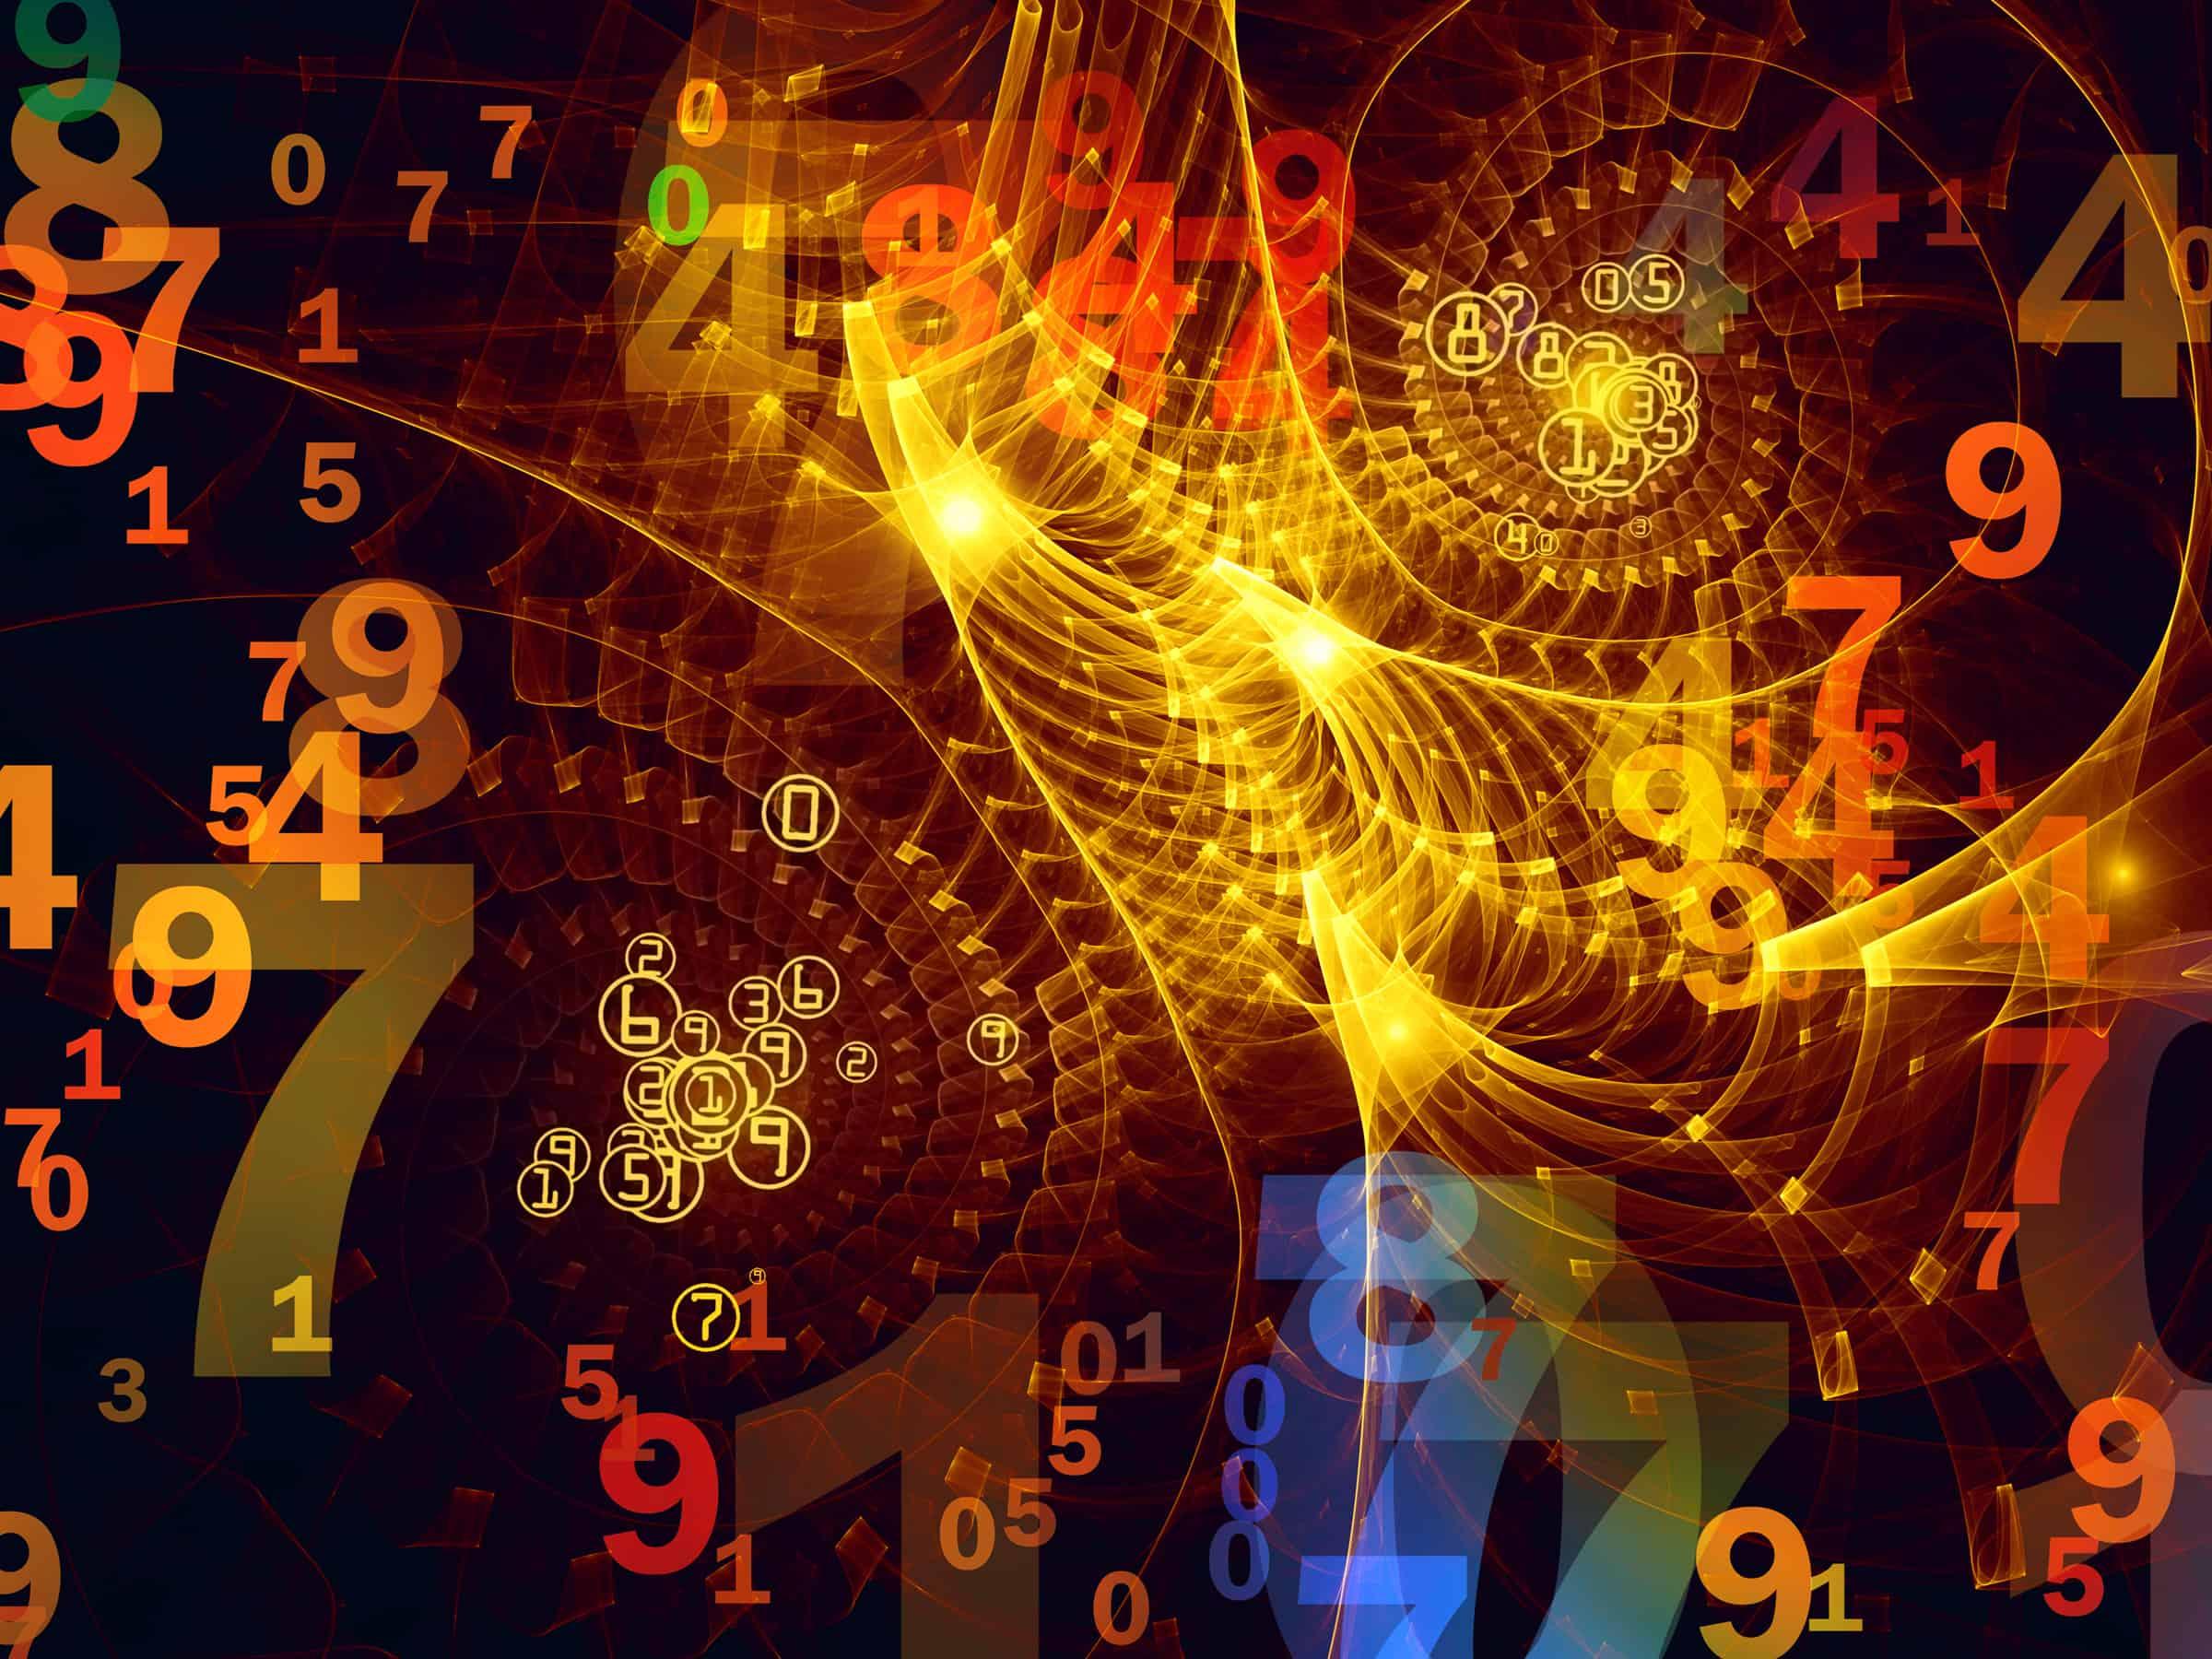 Rituali sa brojevima za ispunjenje želja